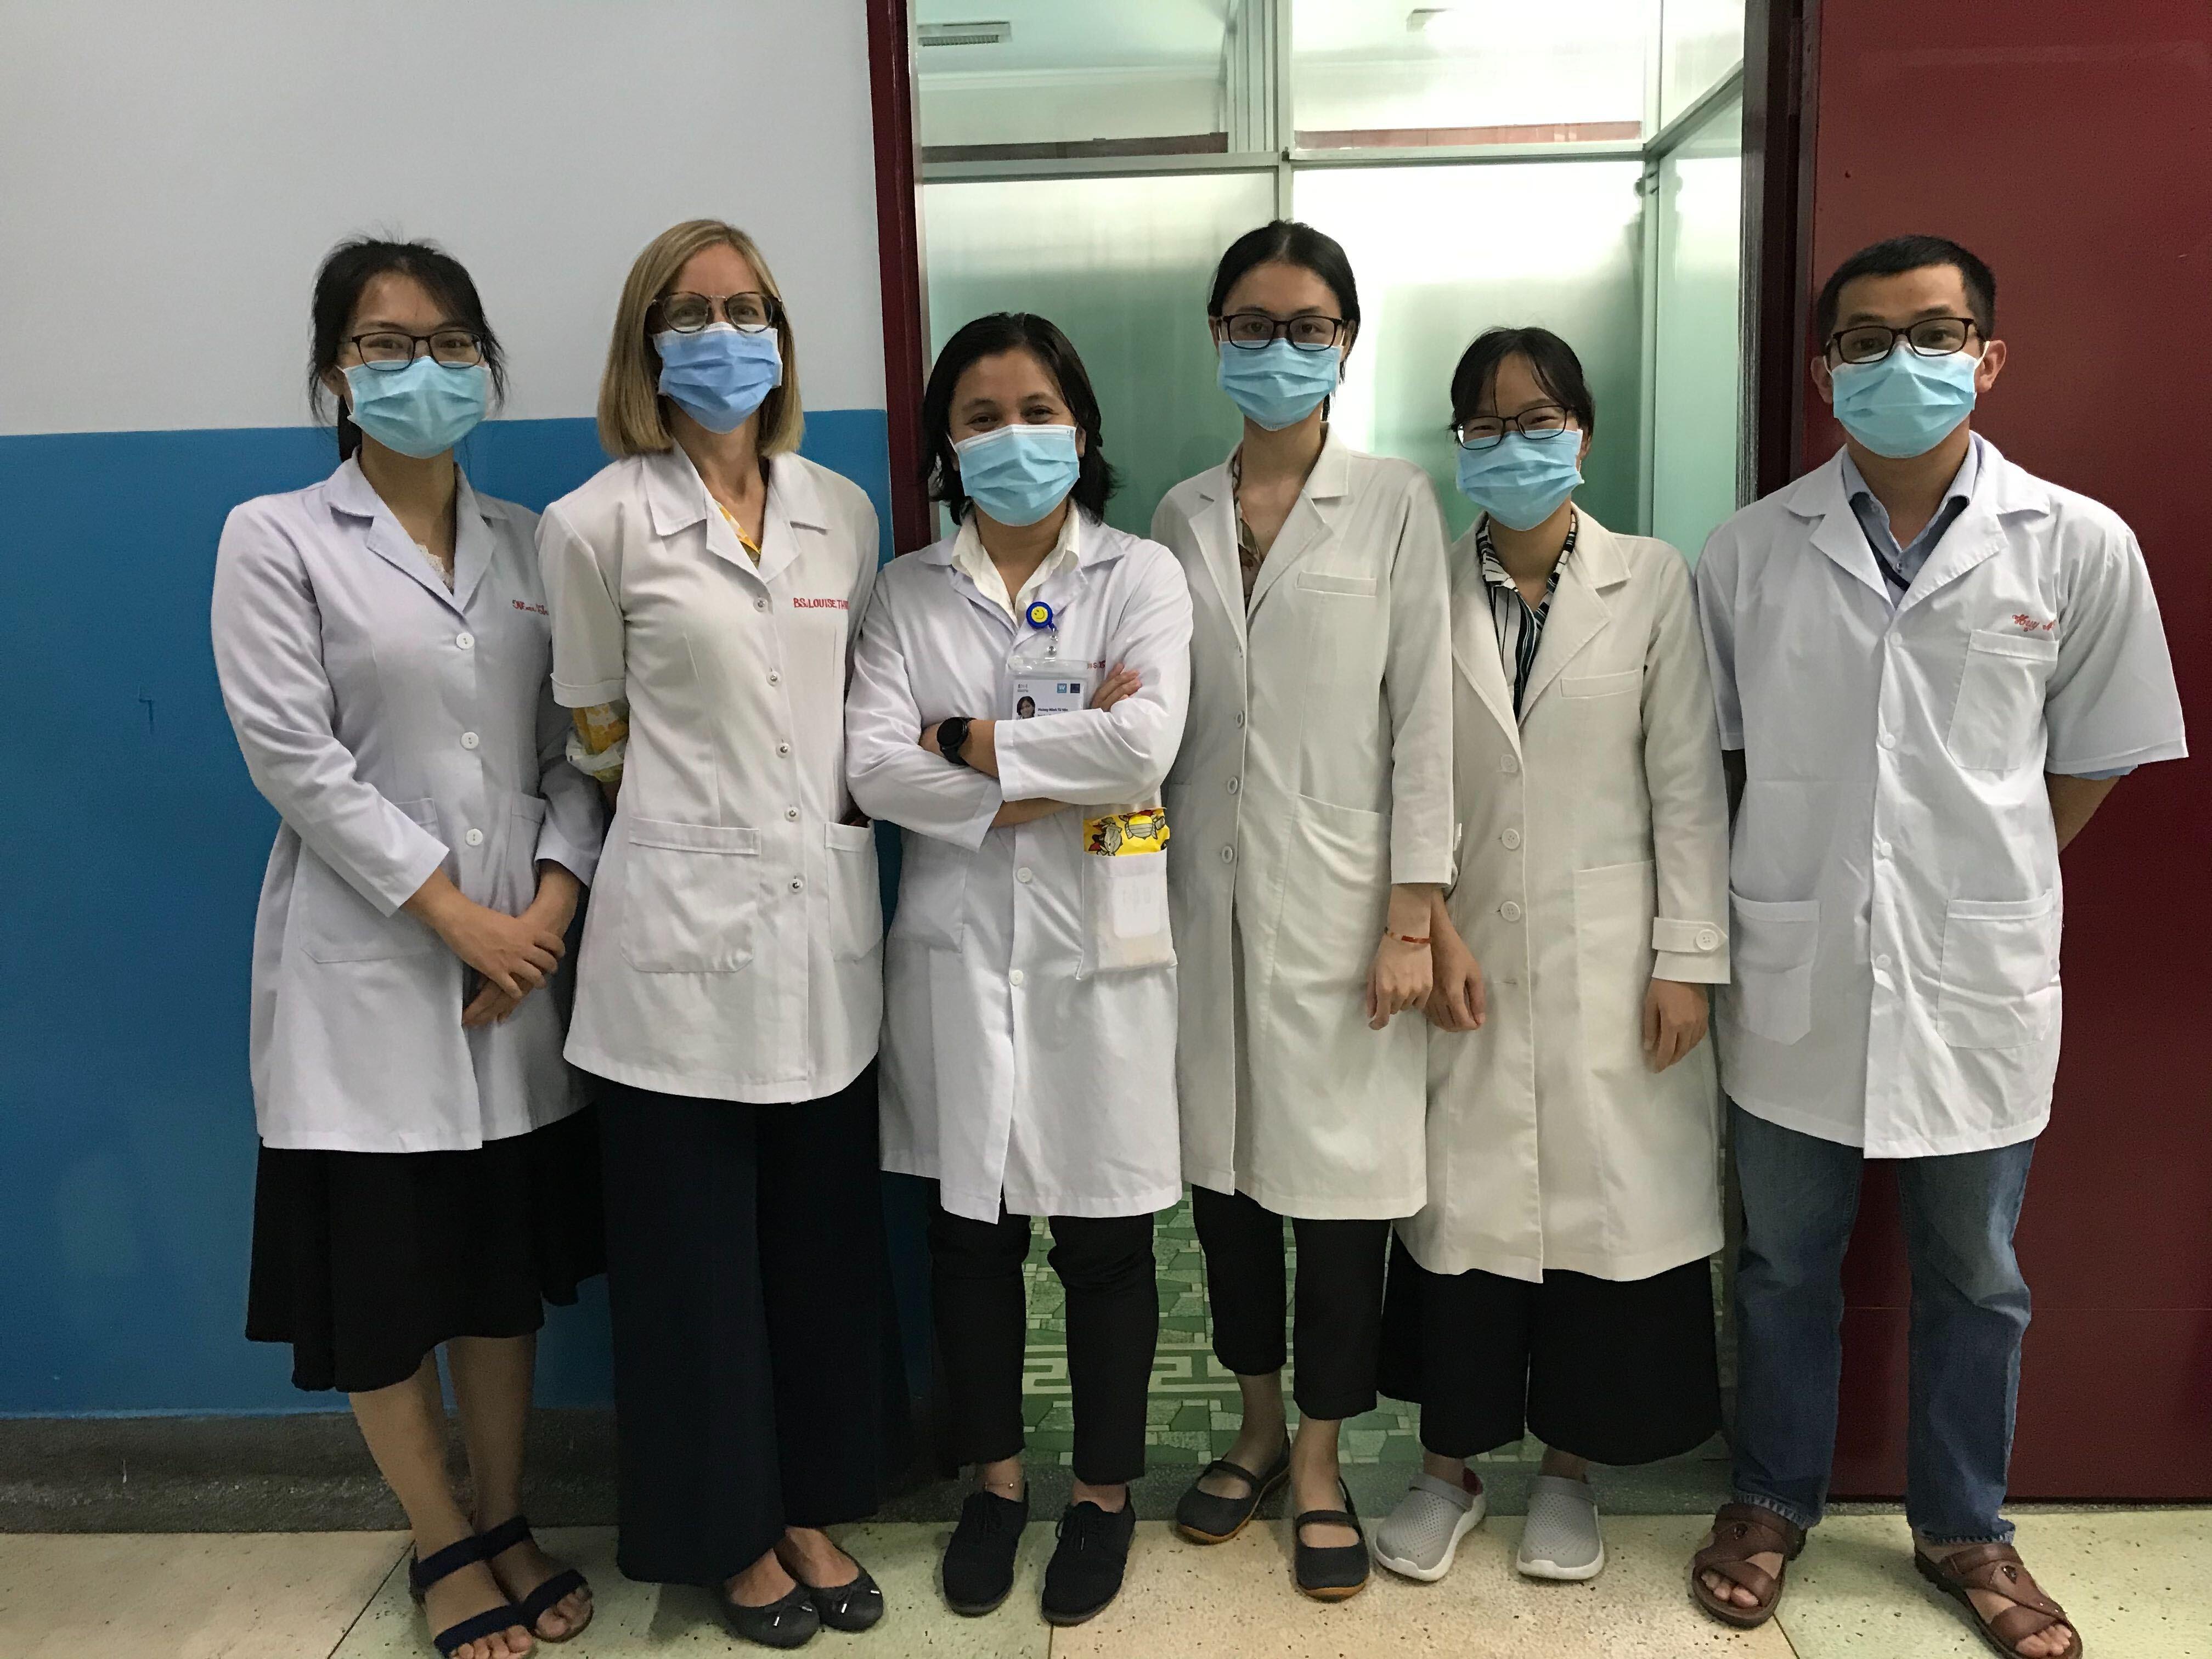 Chào đón 3 bác sĩ mới gia nhập nhóm siêu âm của dự án VITAL